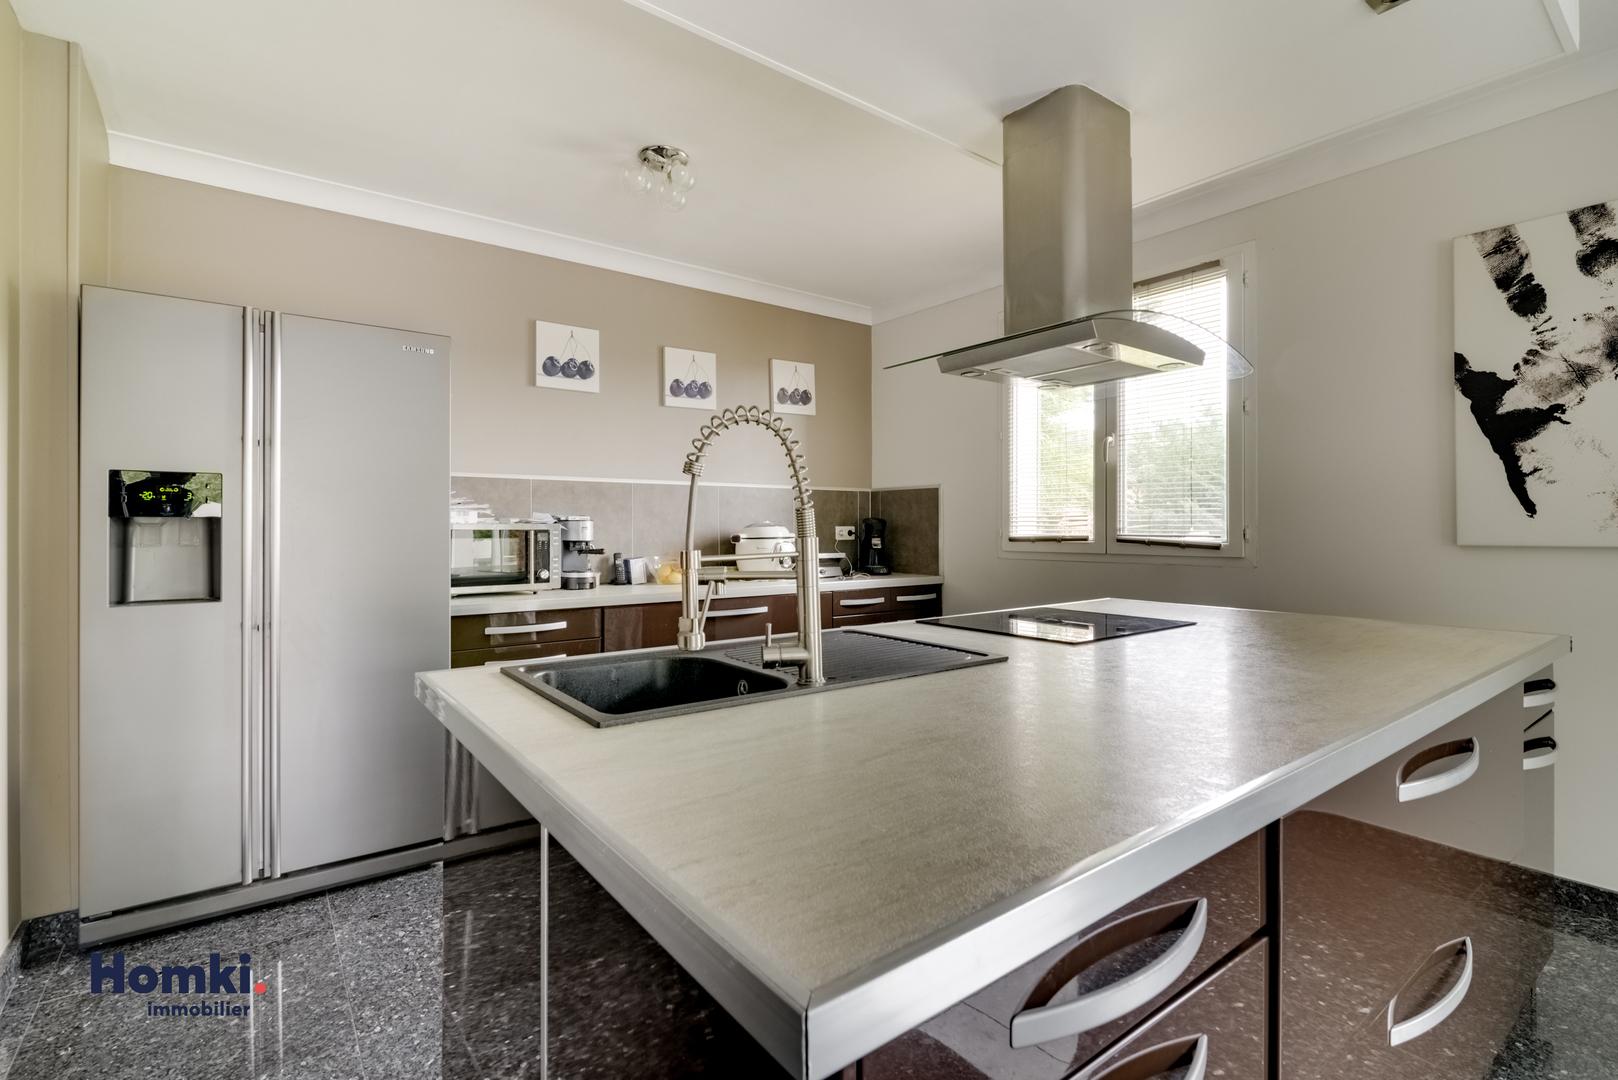 Vente Maison 112 m² T4 06810_4